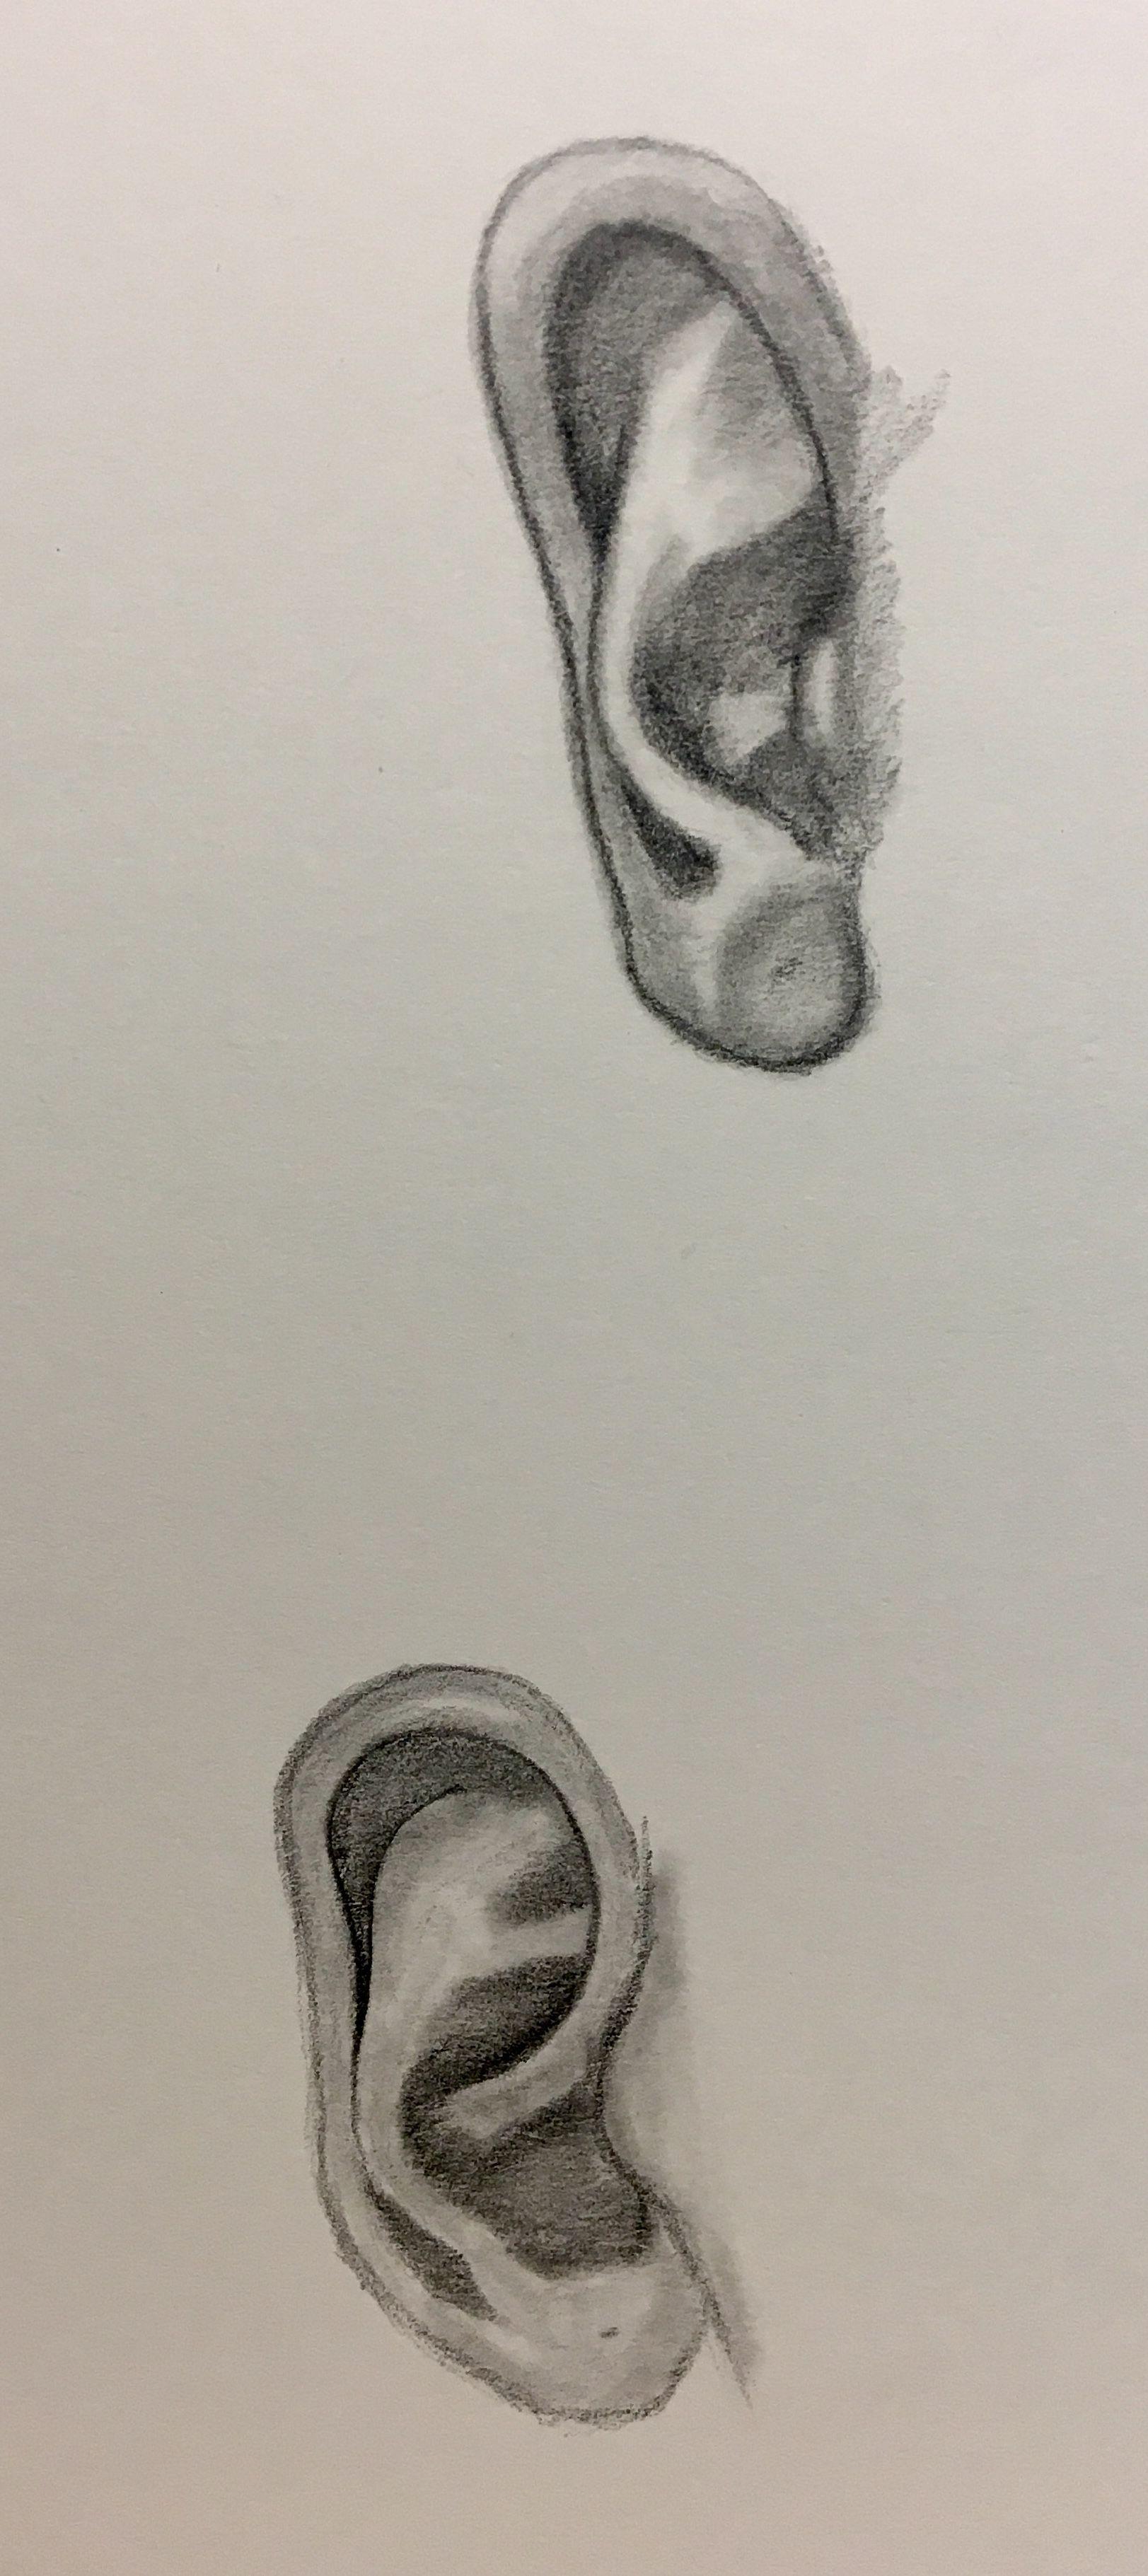 Tonal ear in pencil | Life drawing, Drawings, Gcse art